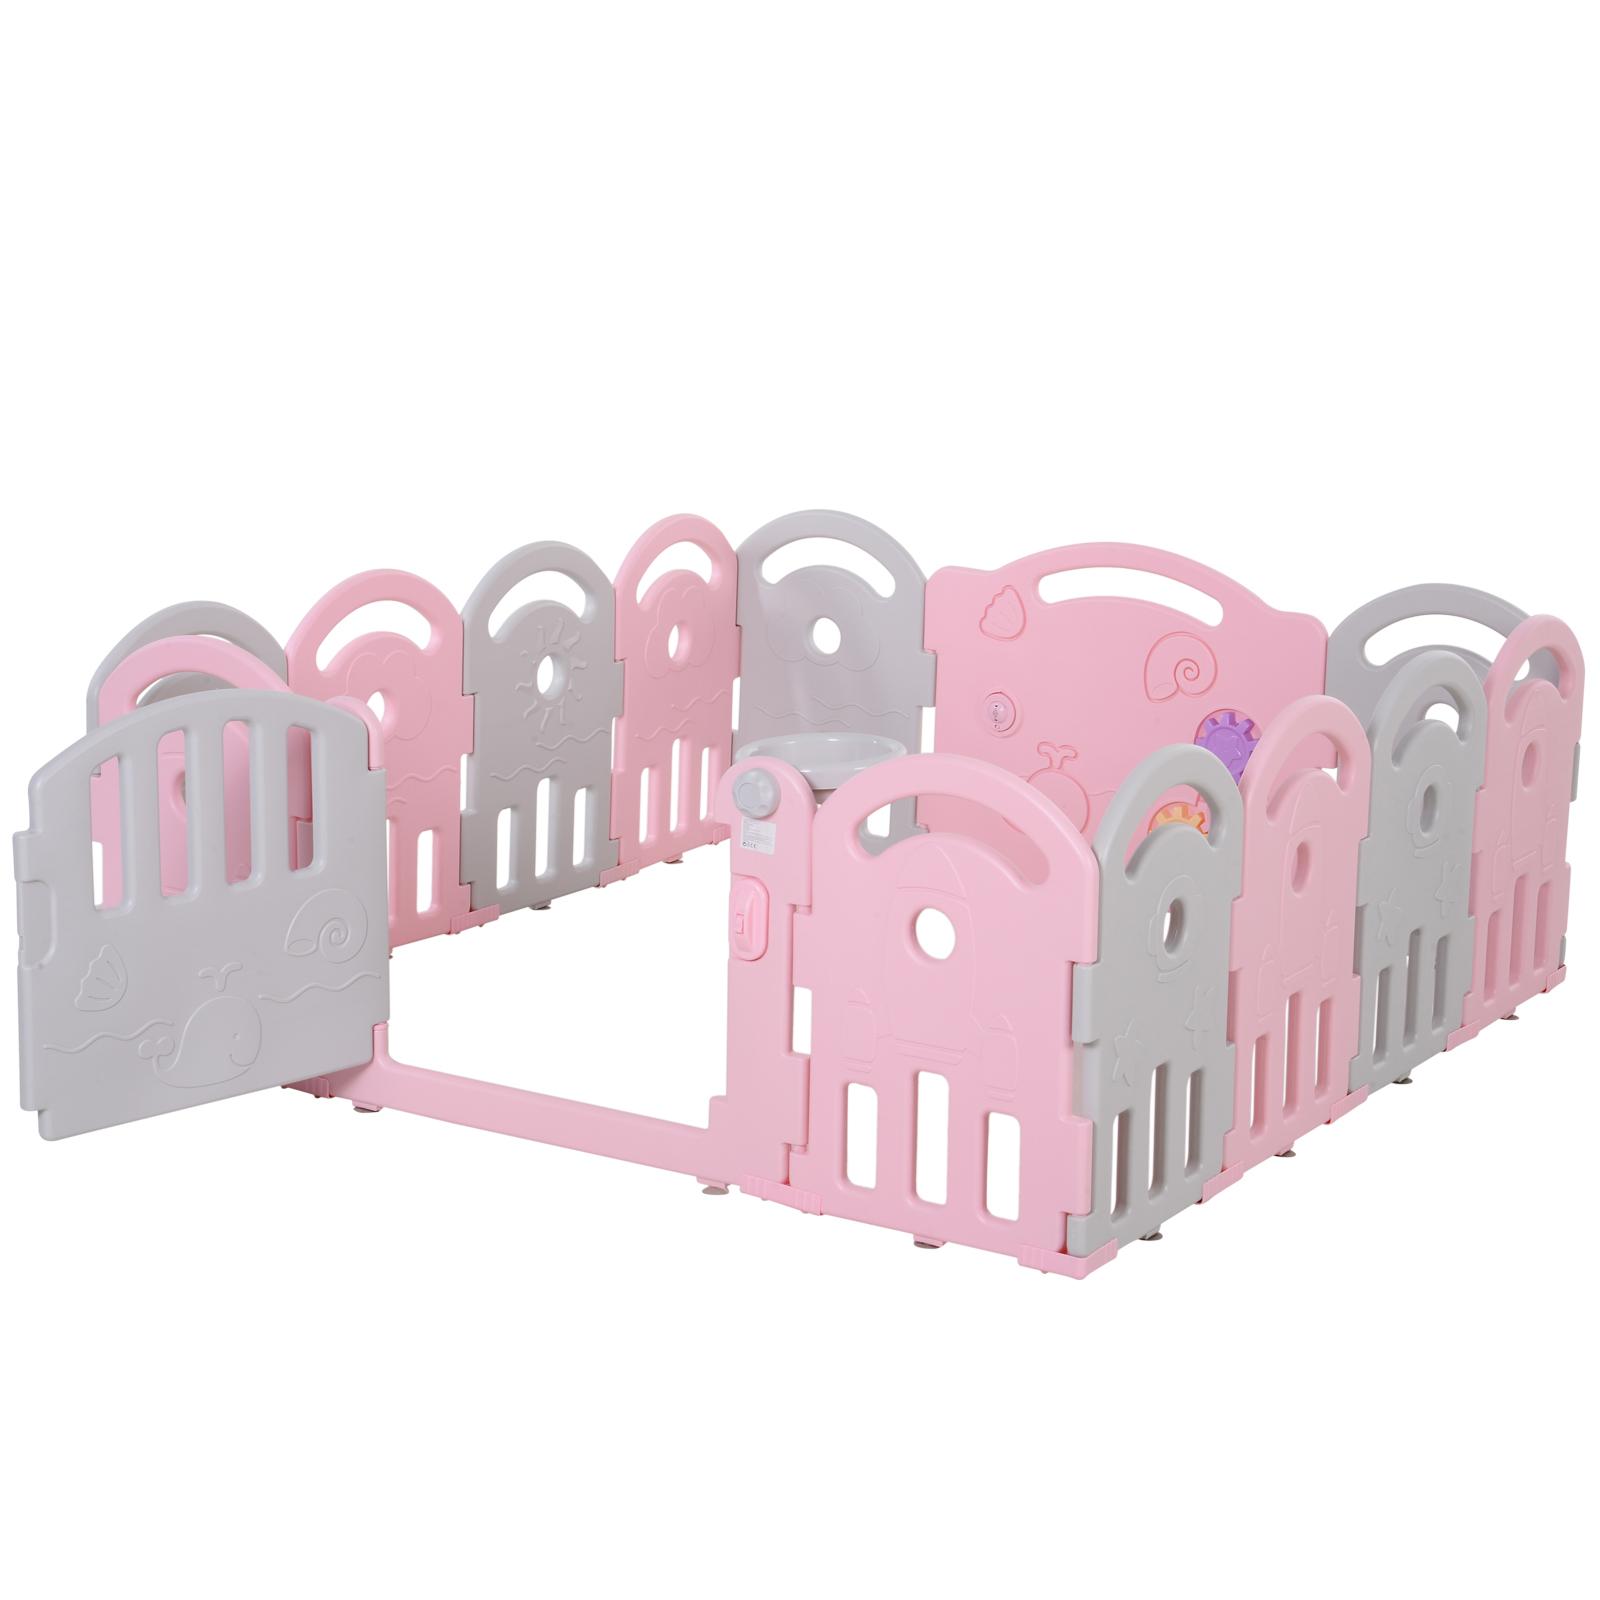 Qaba-14-Pcs-Safety-Children-Playpen-Pink-Game-Panel-Anti-Pushing-Over thumbnail 25